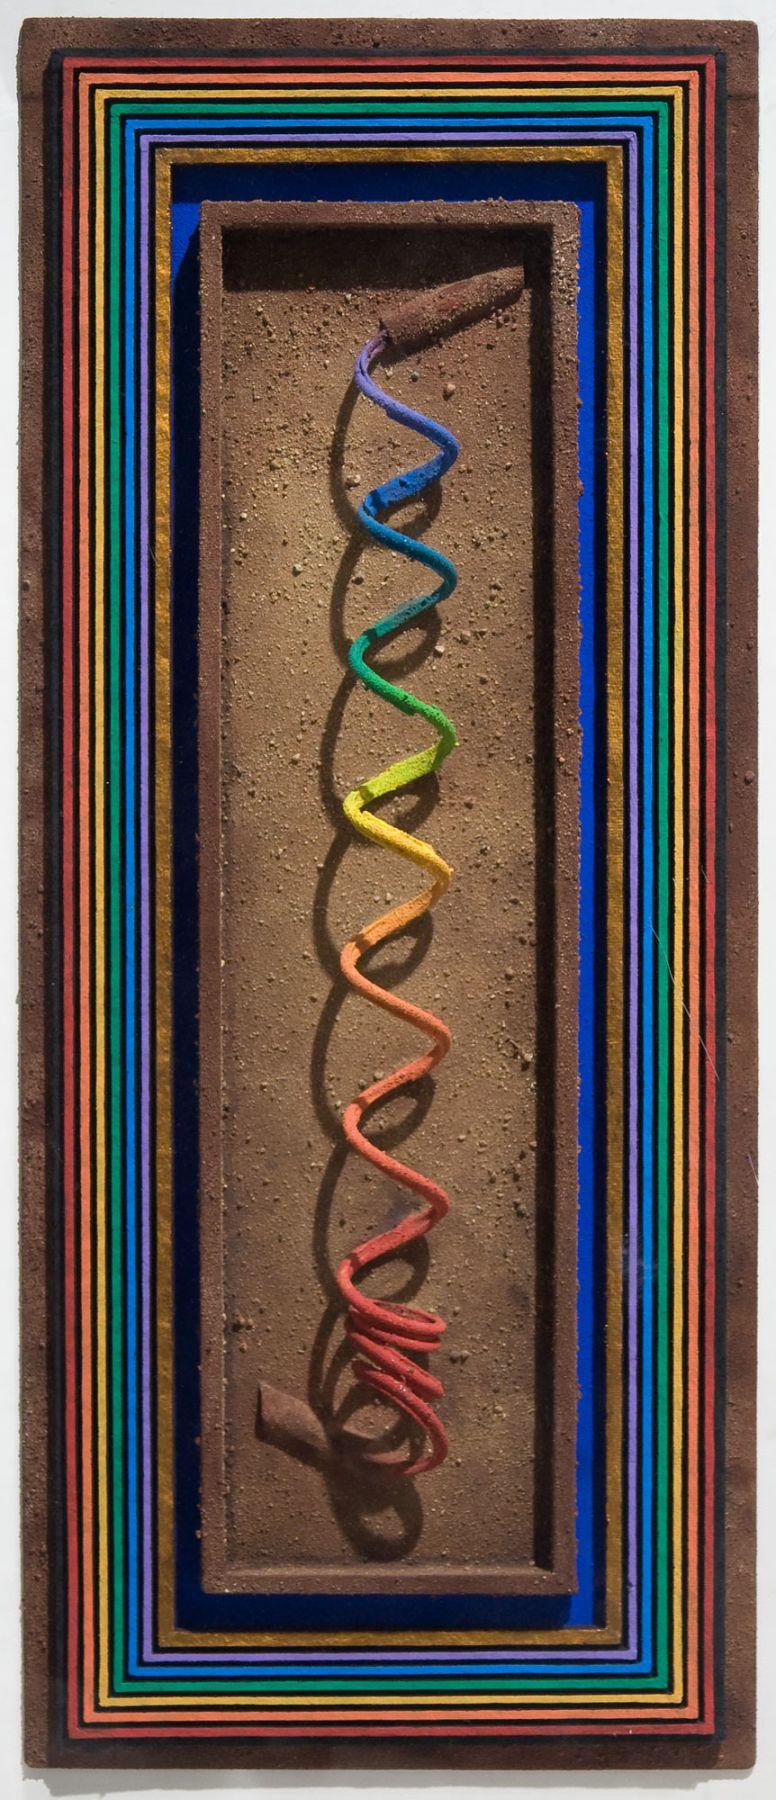 Rainbow Series: Poseidon's Spiral by Ron Robertson